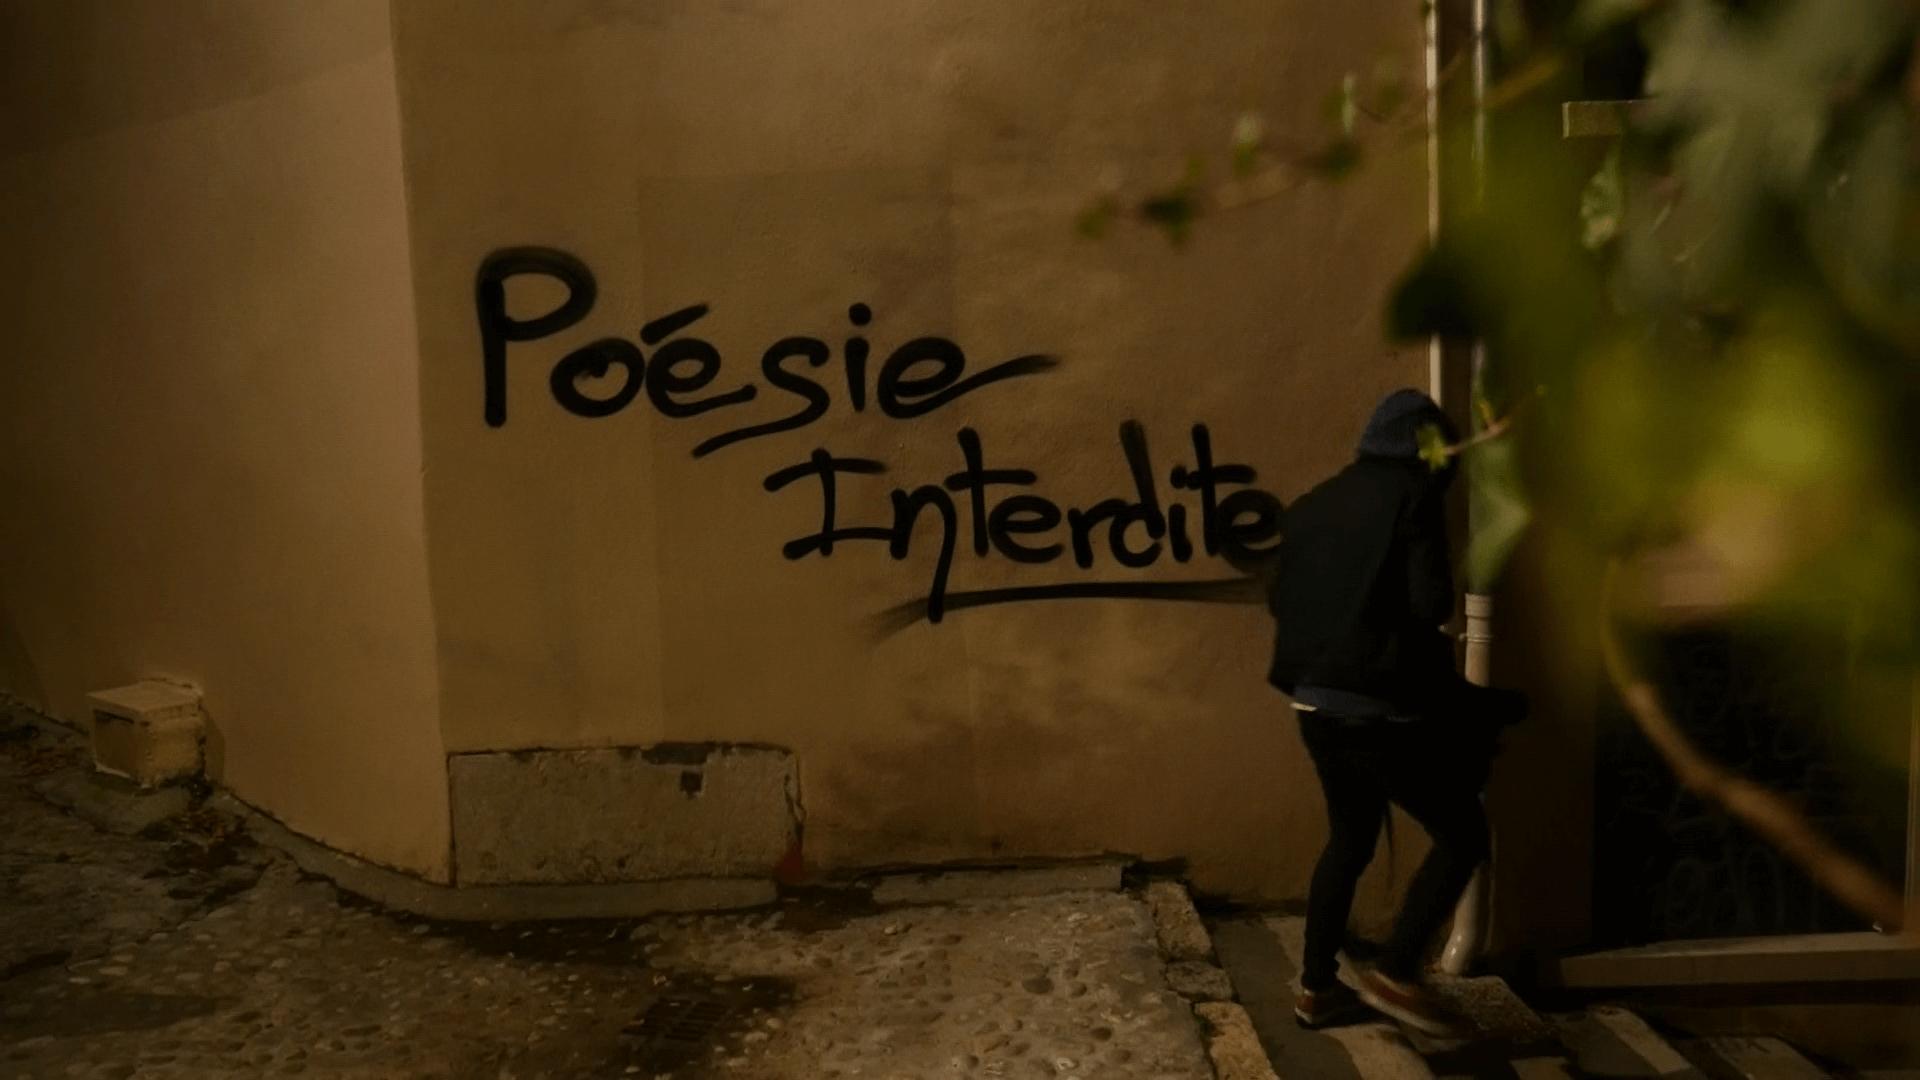 2018-19-poesie-1.png